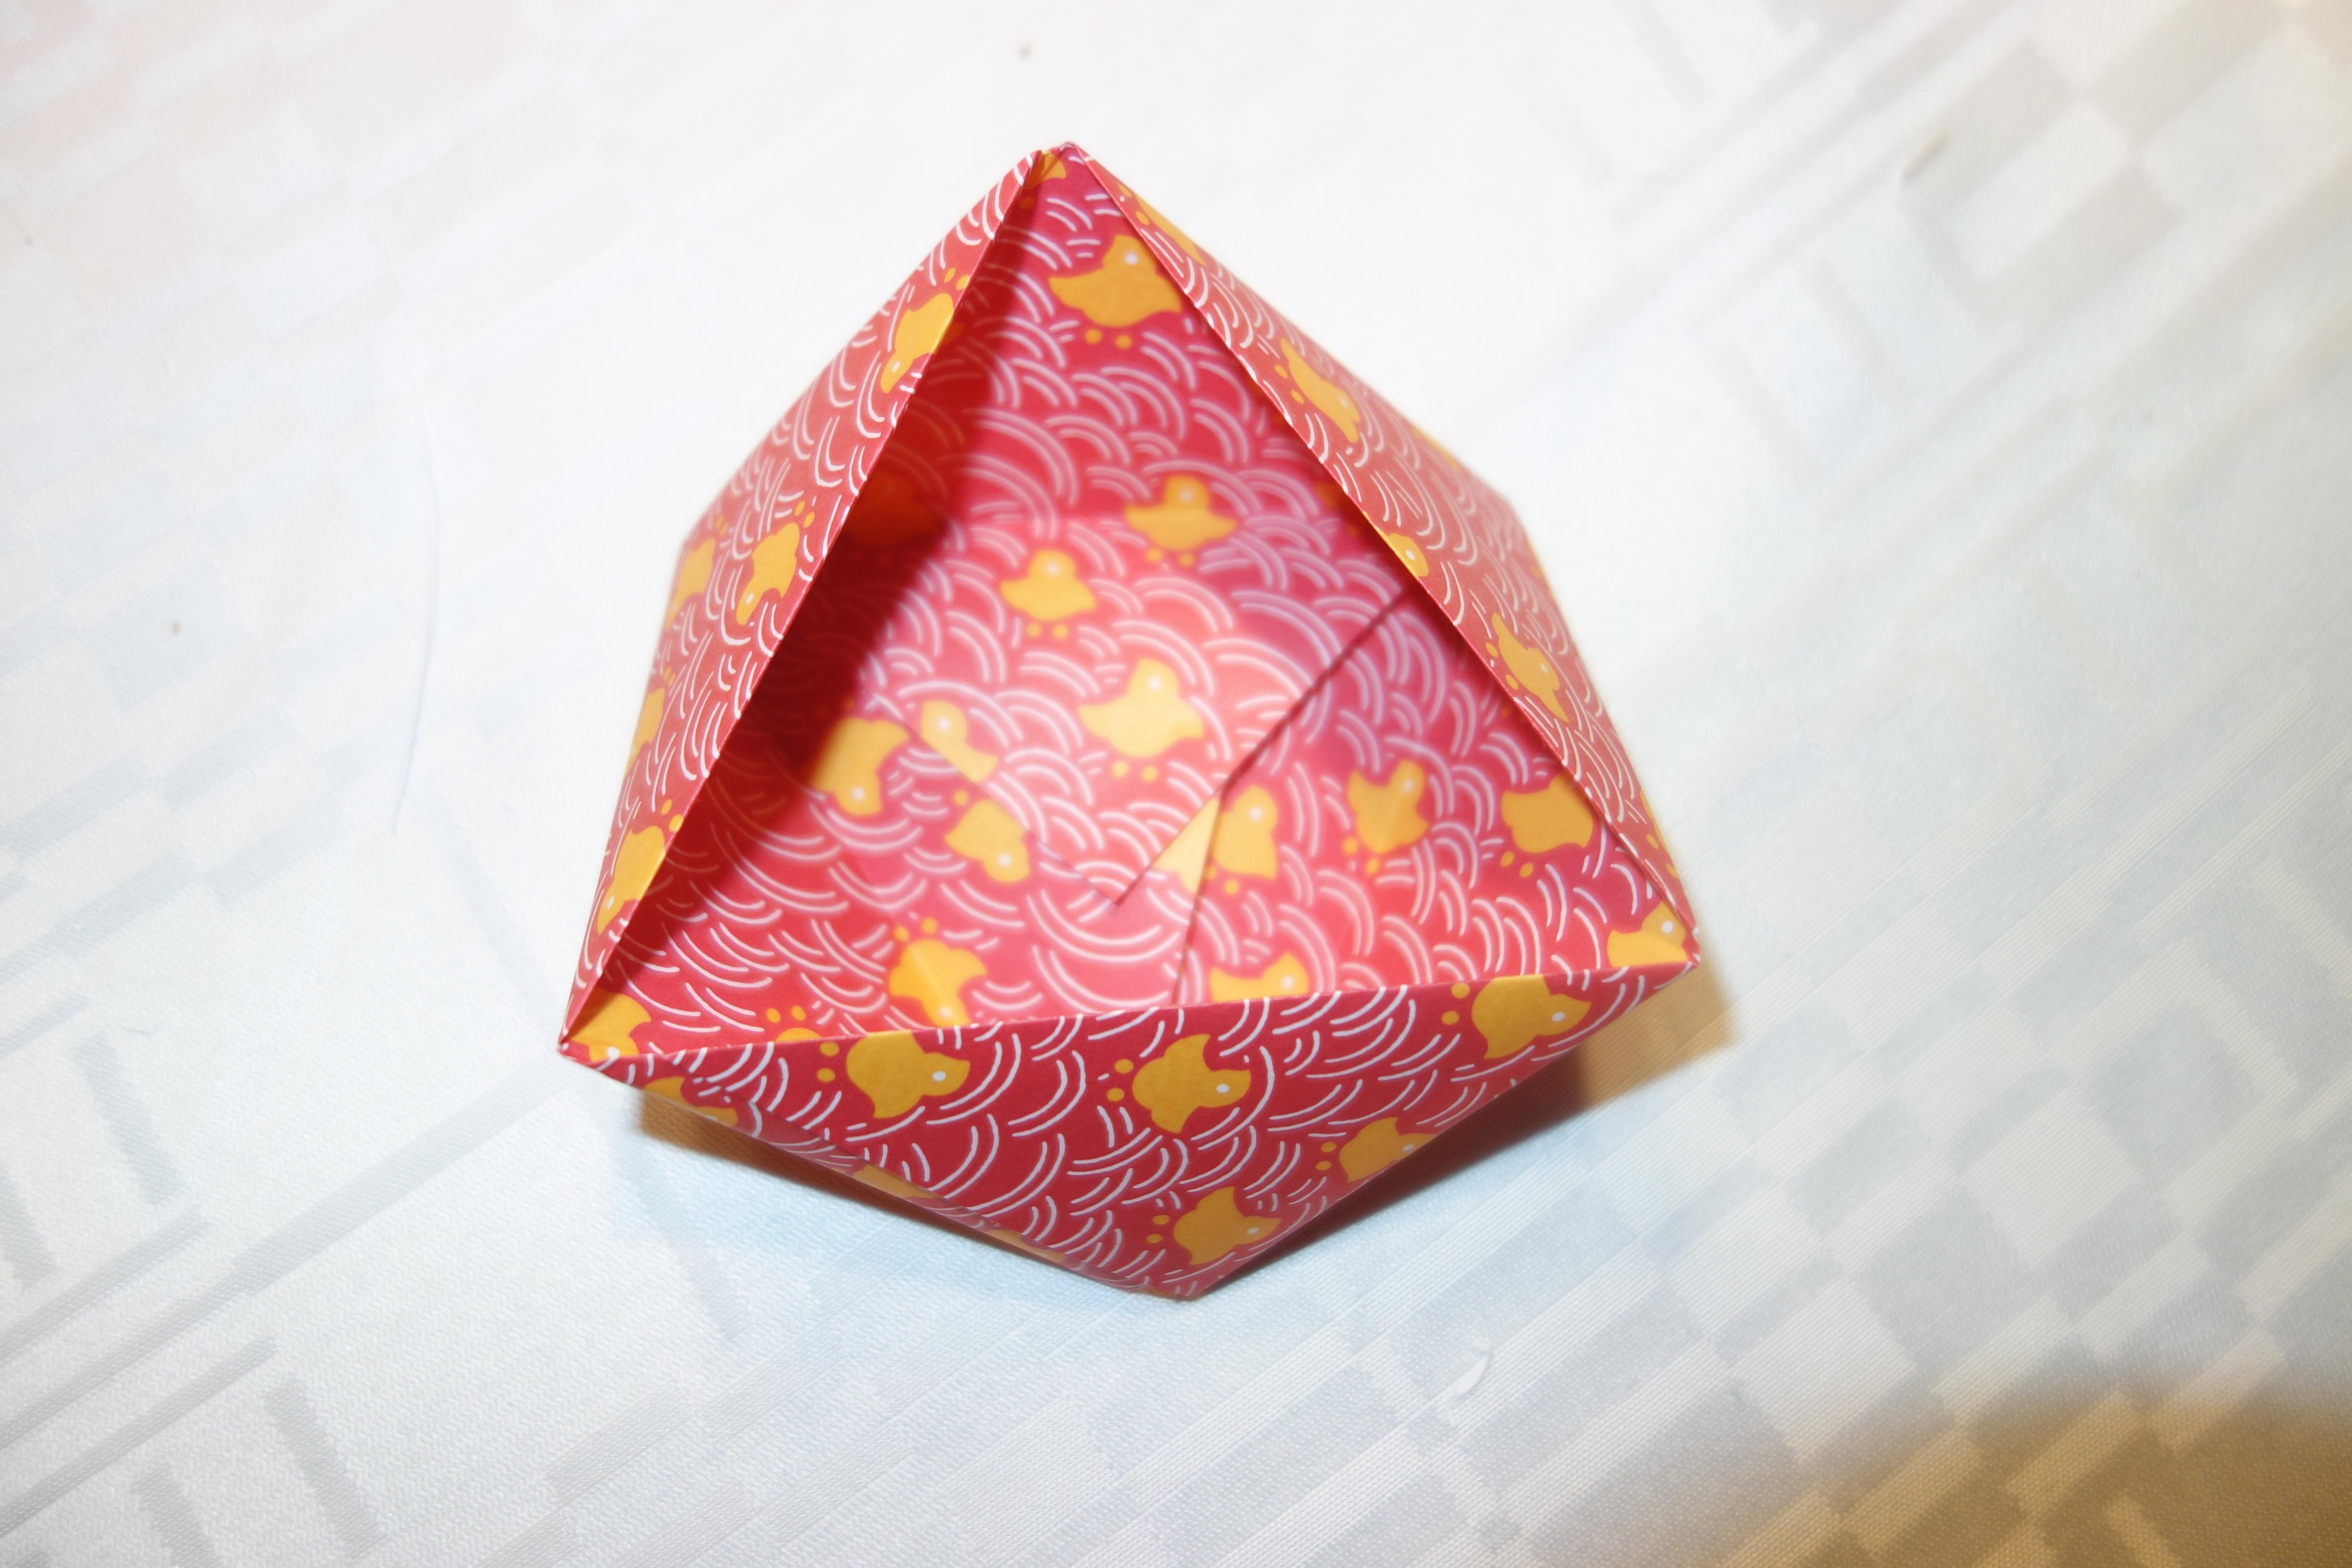 Origami Kraftykorte Page 2 Golden Venture Folding Diagrams Dsc04700 Dsc04701 Dsc04703